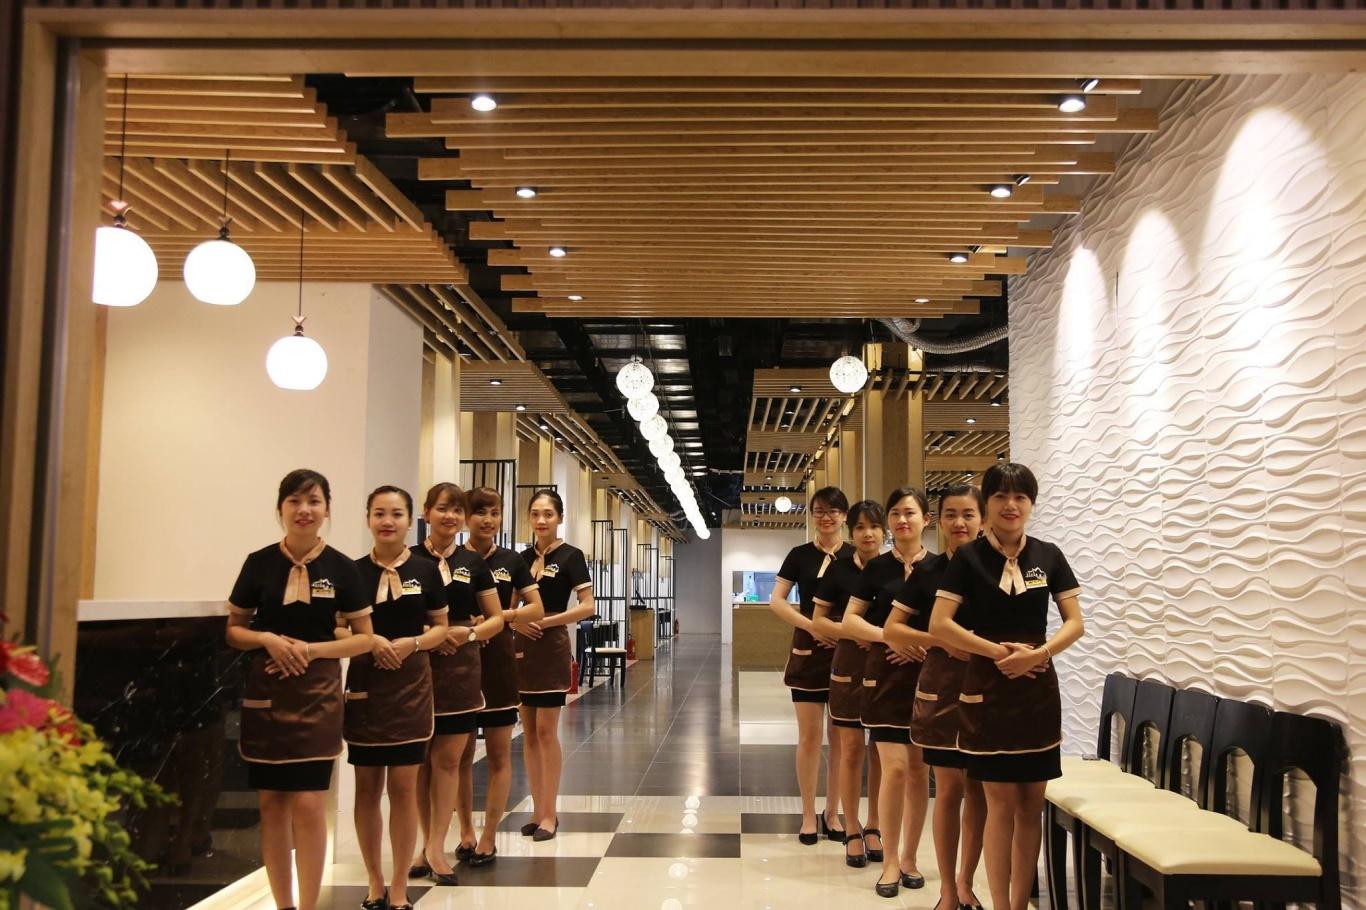 Đội ngũ nhân viên tại quán nướng Hàn Quốc Jirisan luôn trong tư thế sẵn sàng phục vụ